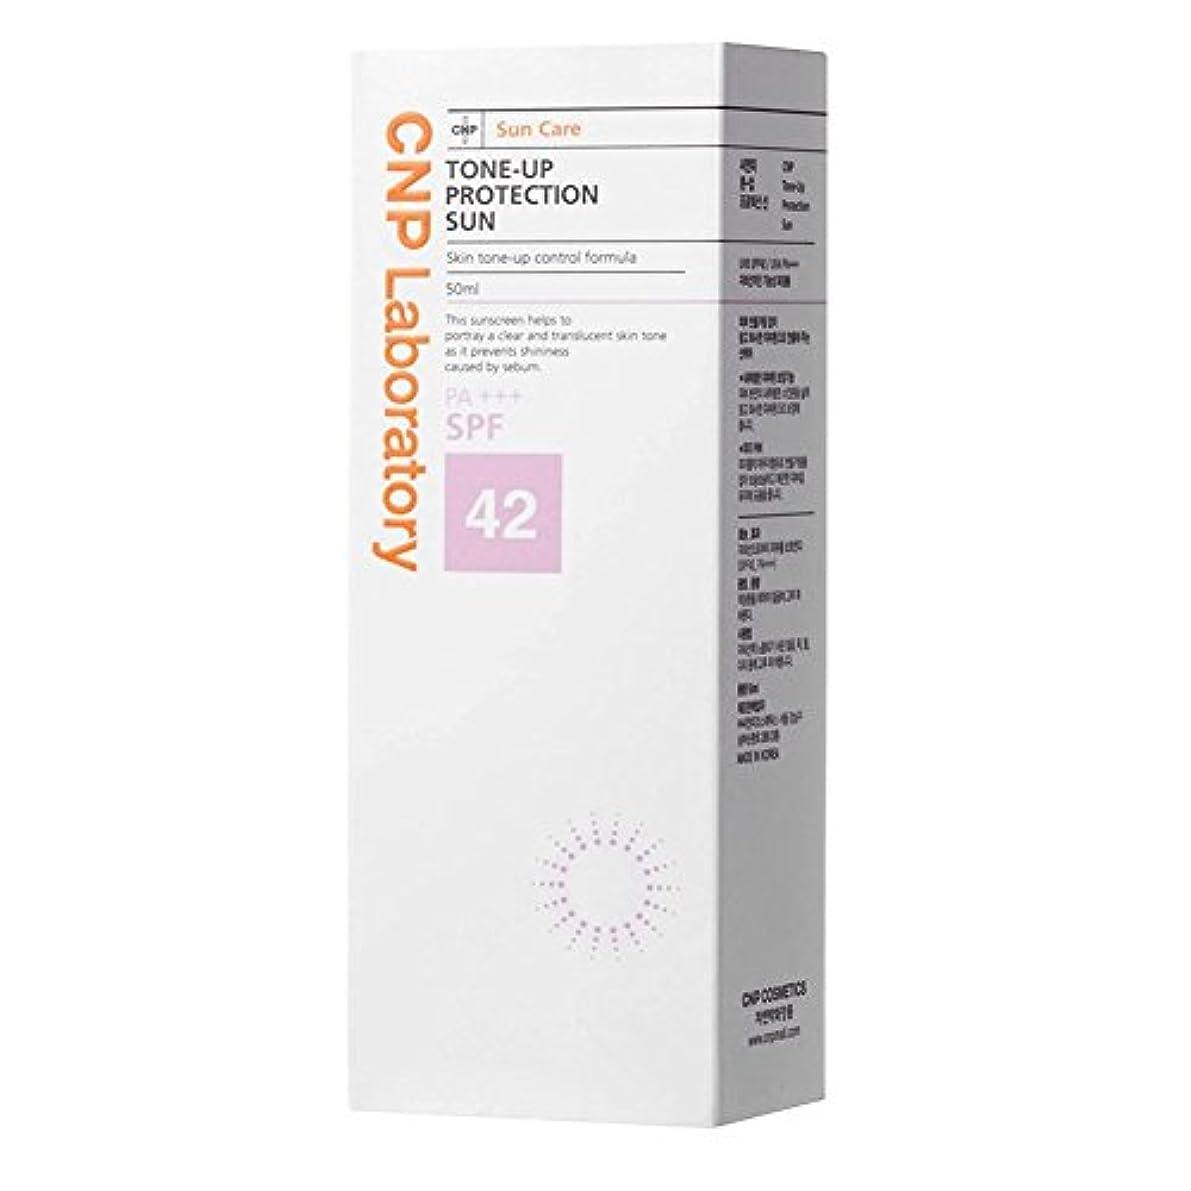 所有者拡張定規チャアンドパク(CNP) トンアッププロテクション日焼け止めクリーム 50ml/ CNP Tone-Up Protection Sun 50ml [並行輸入品]